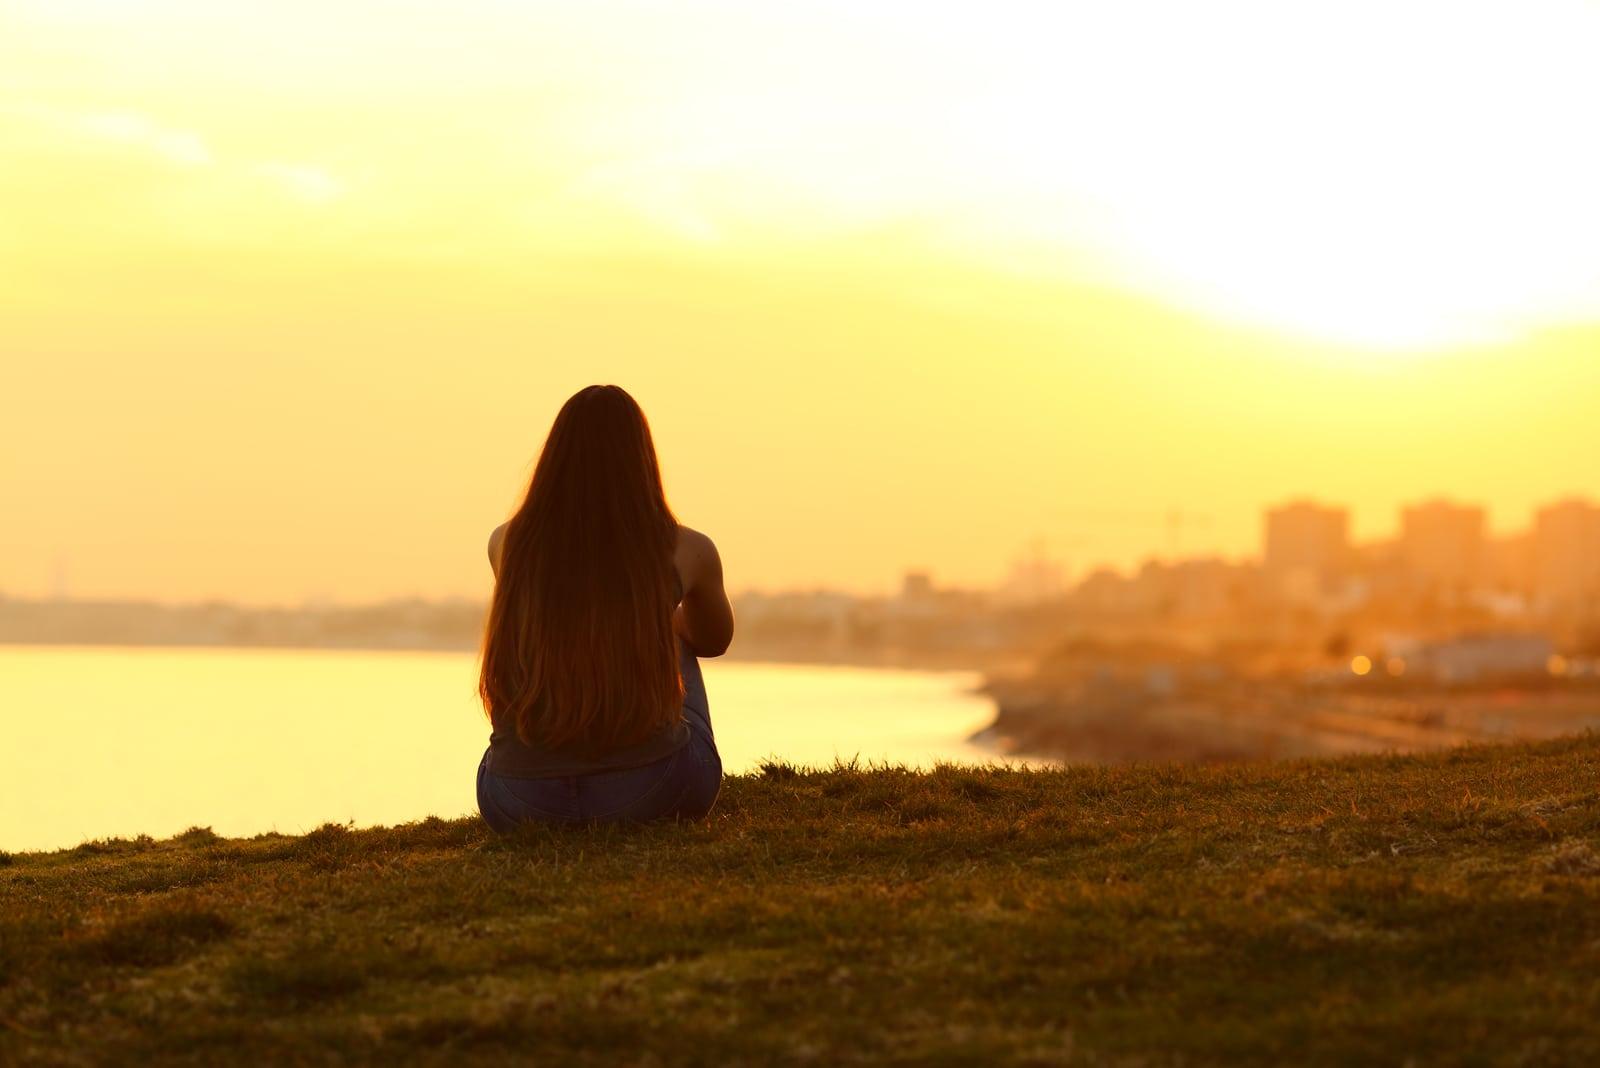 single woman watching a sunset